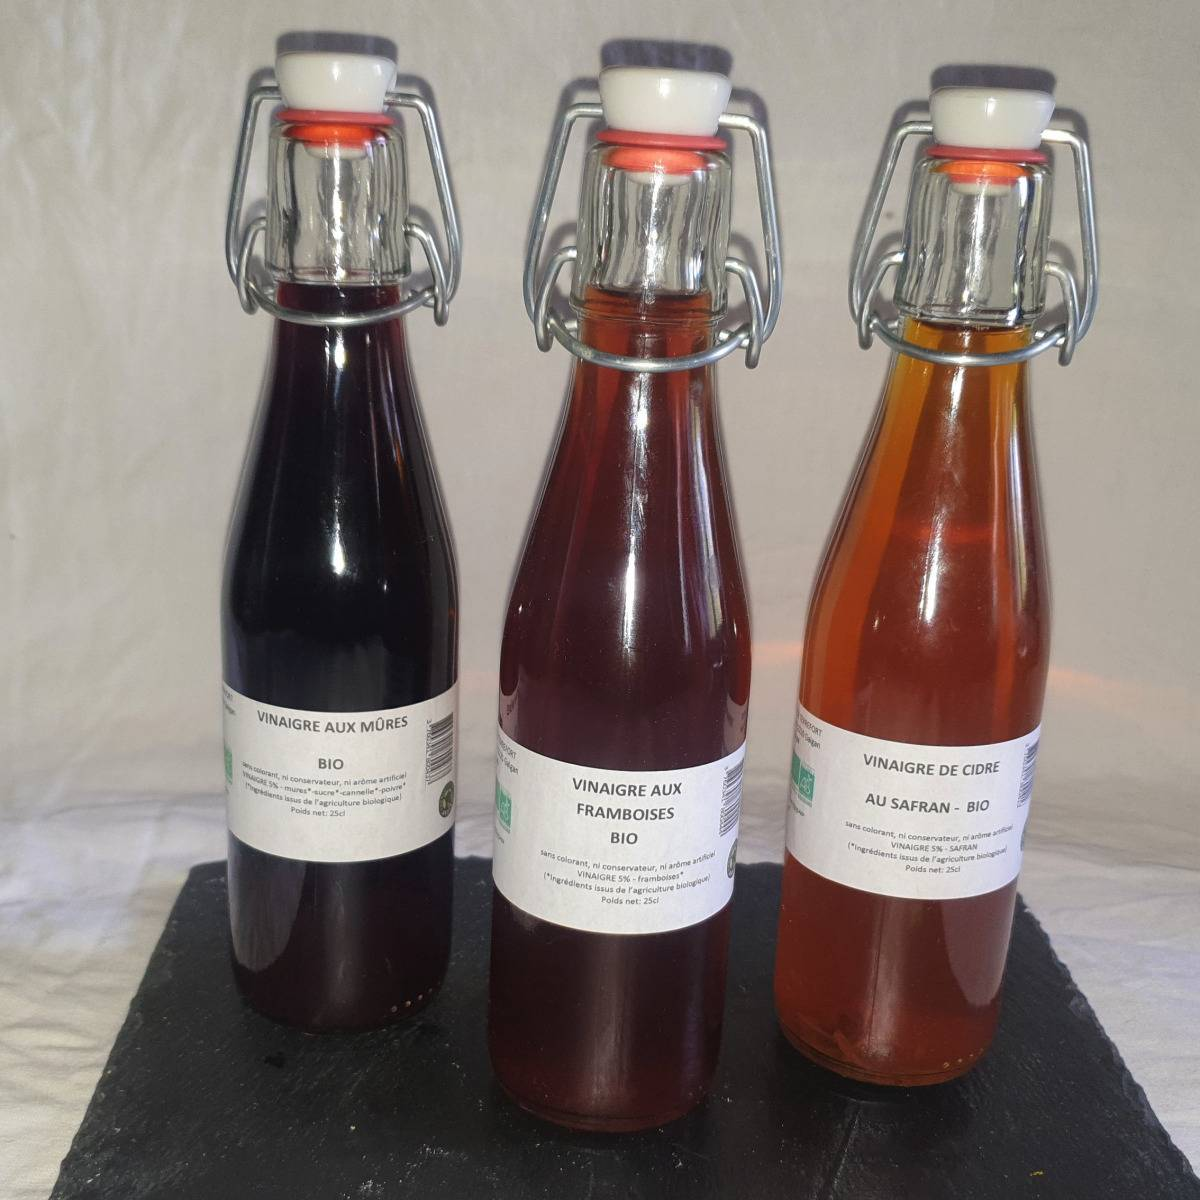 La Ferme du Montet Colis de Vinaigre BIO - 3 produits